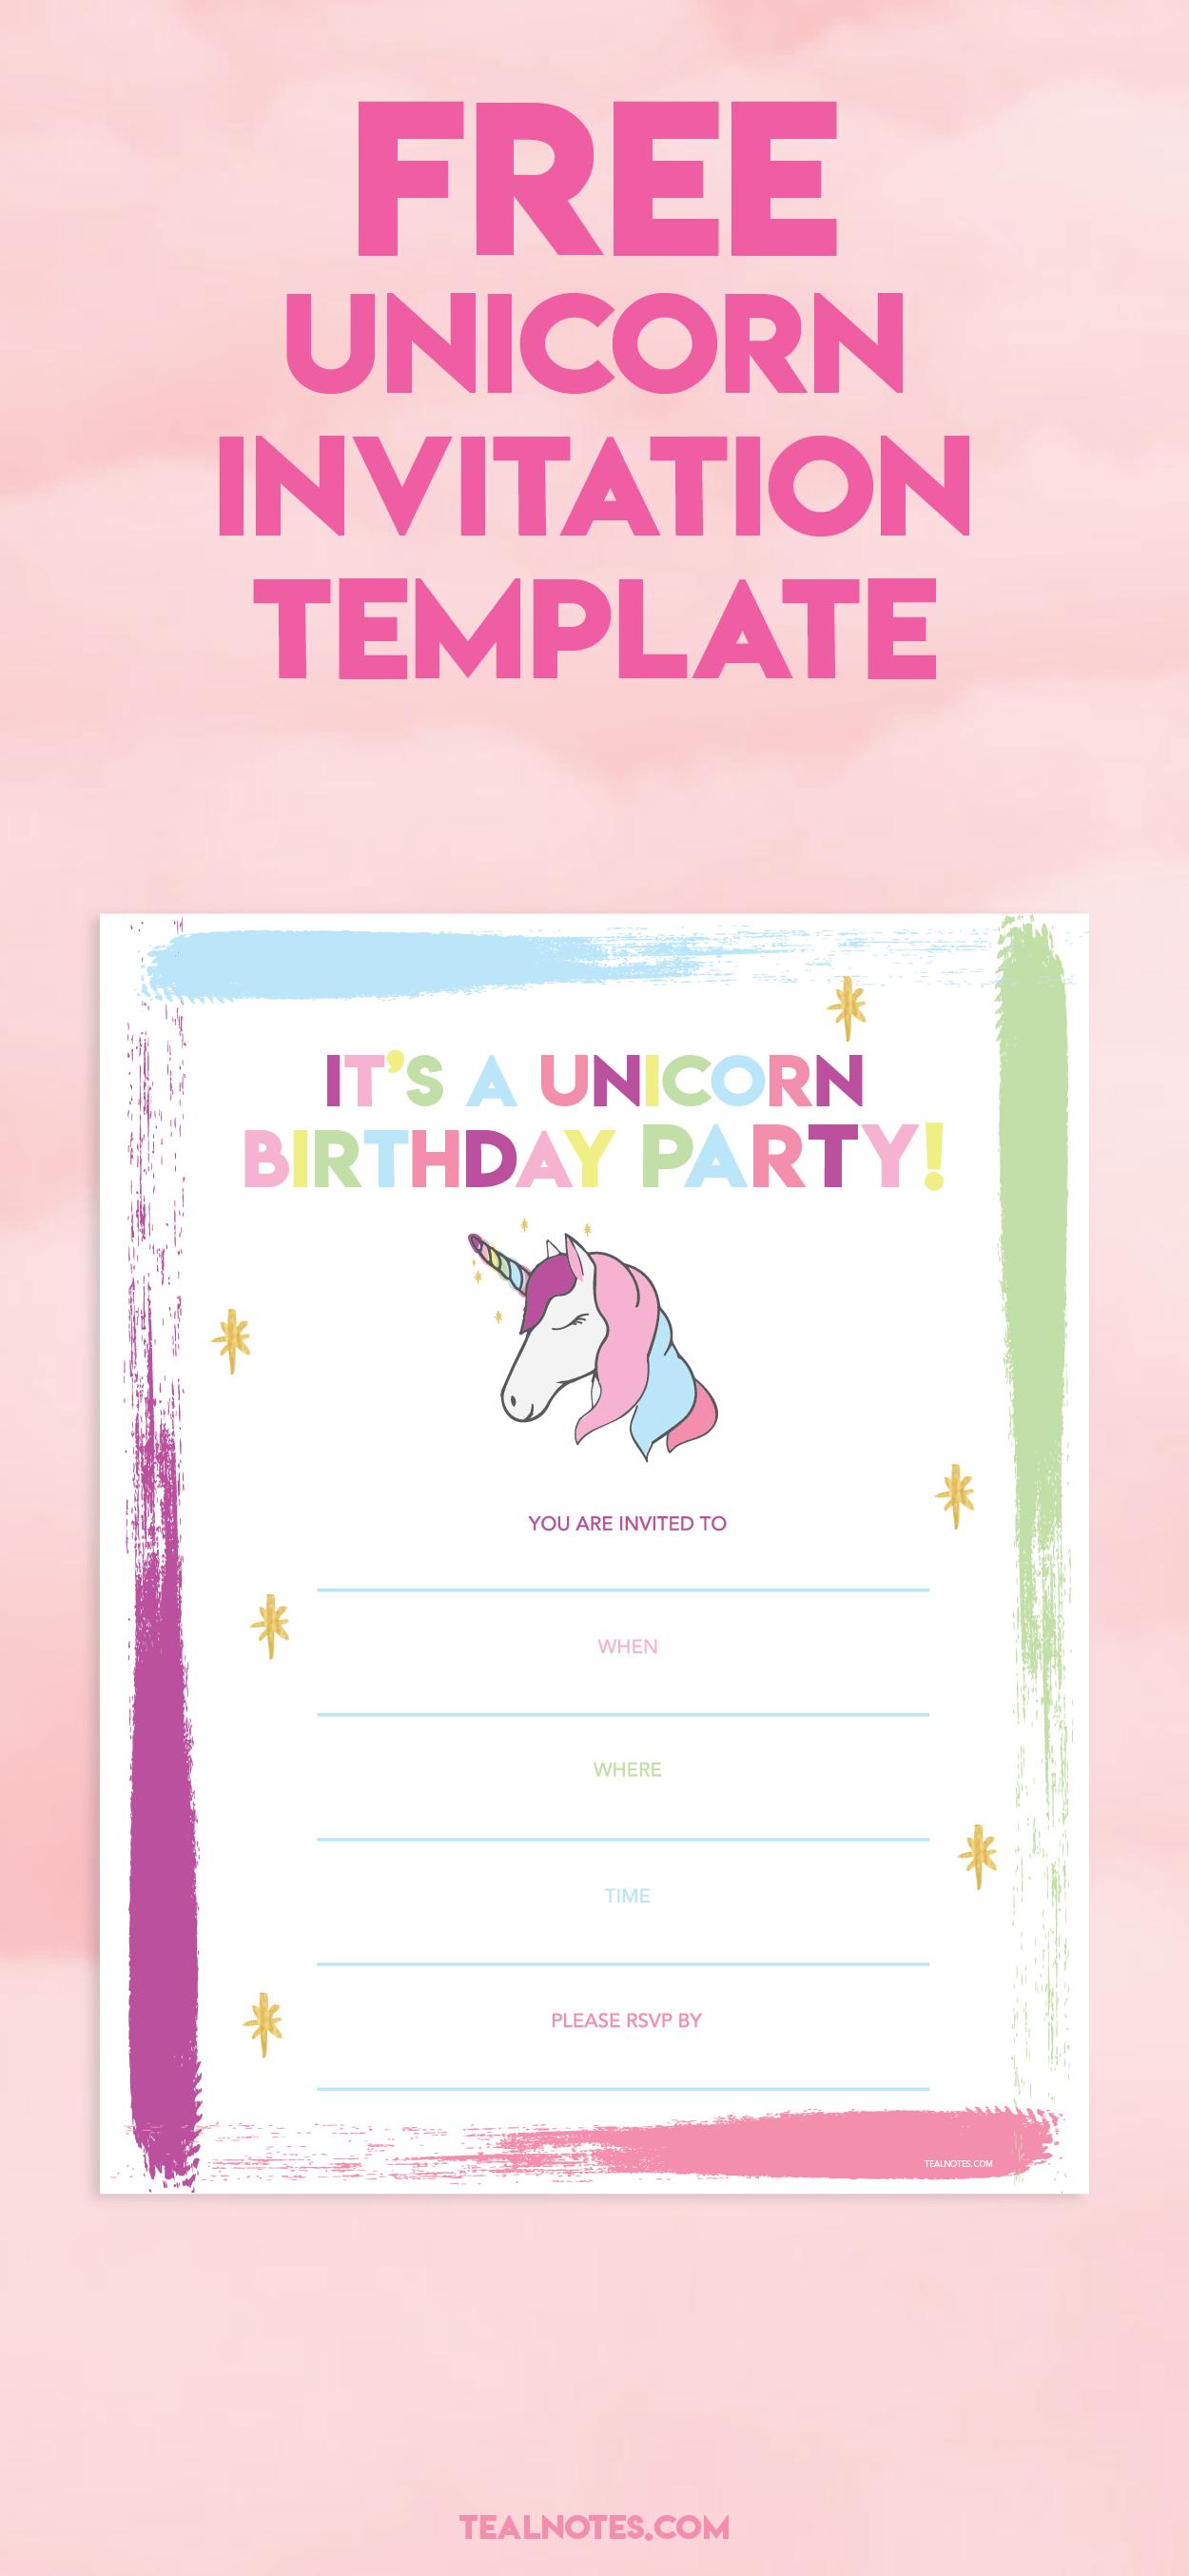 unicorn invitation template 3 free